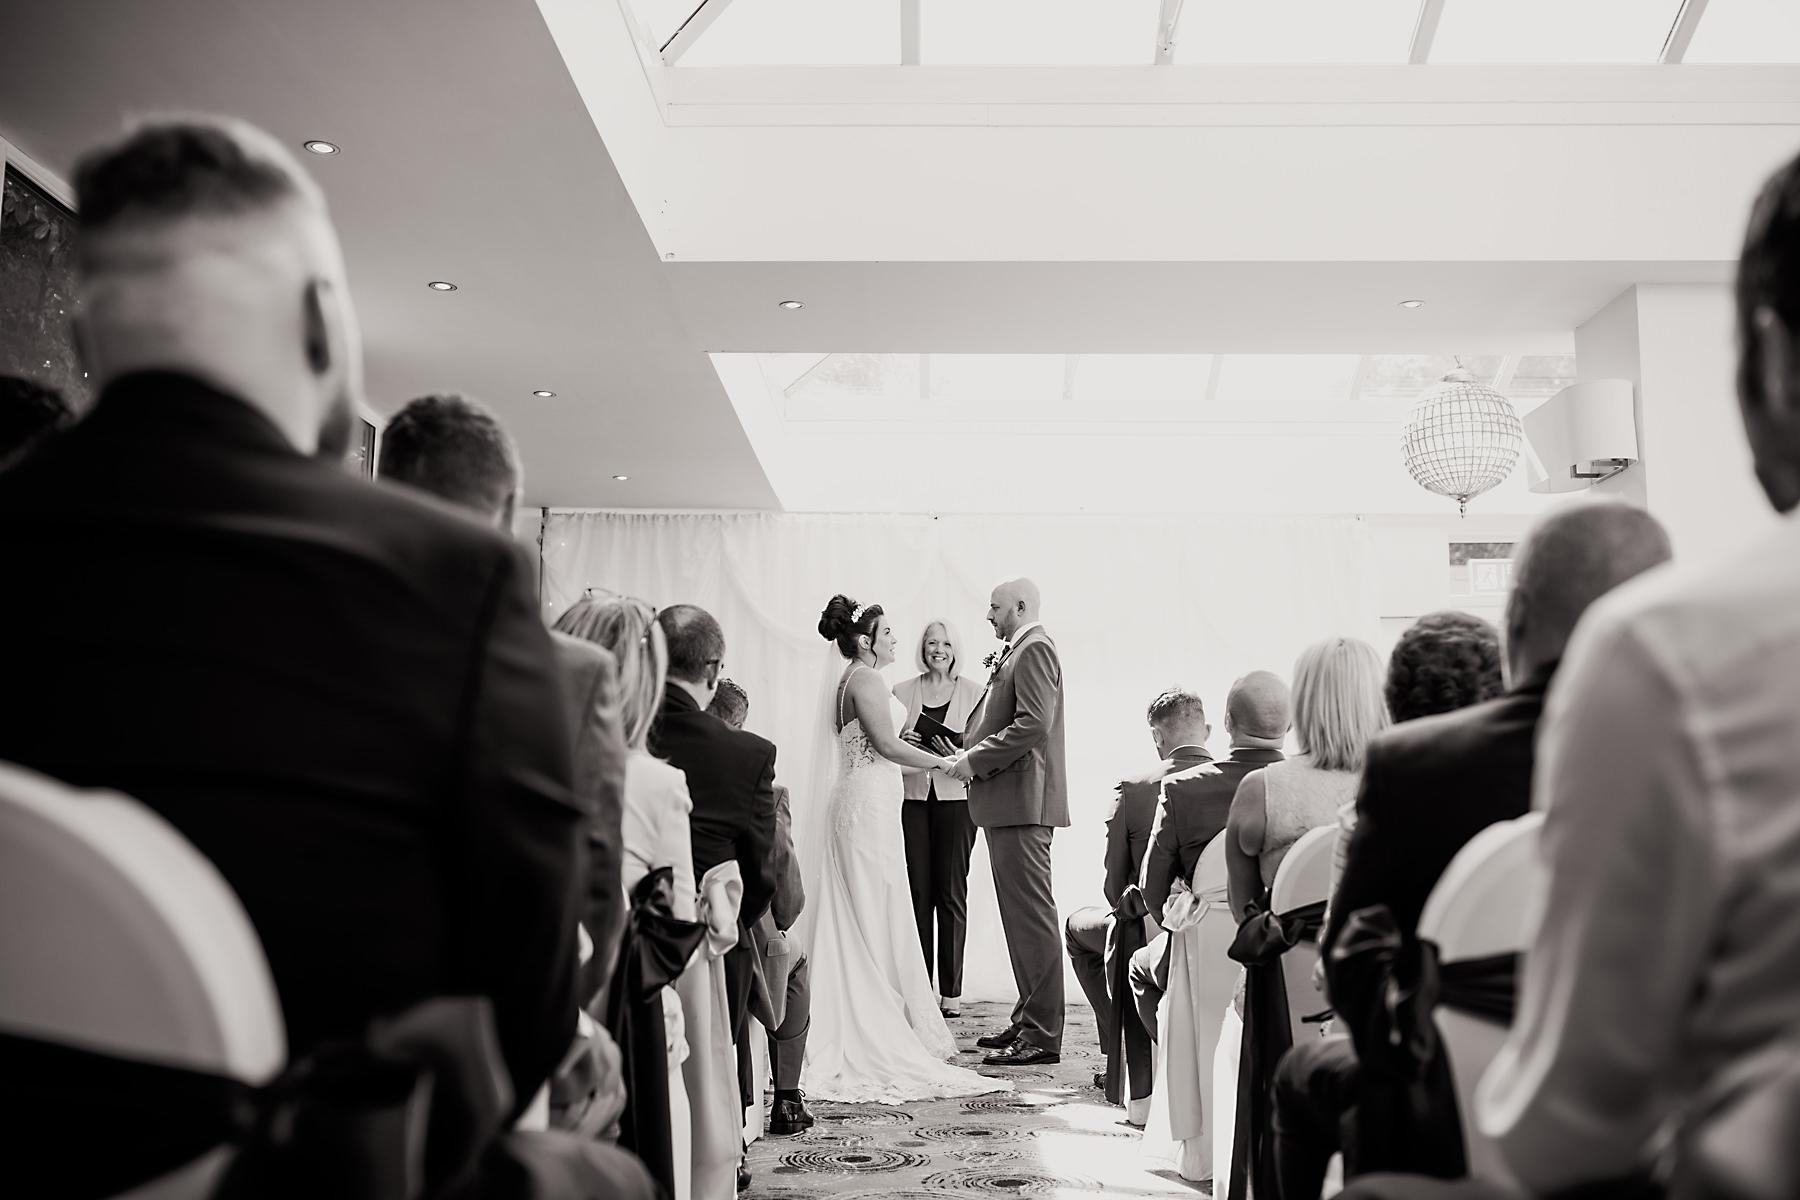 wedding ceremony at chimney house hotel